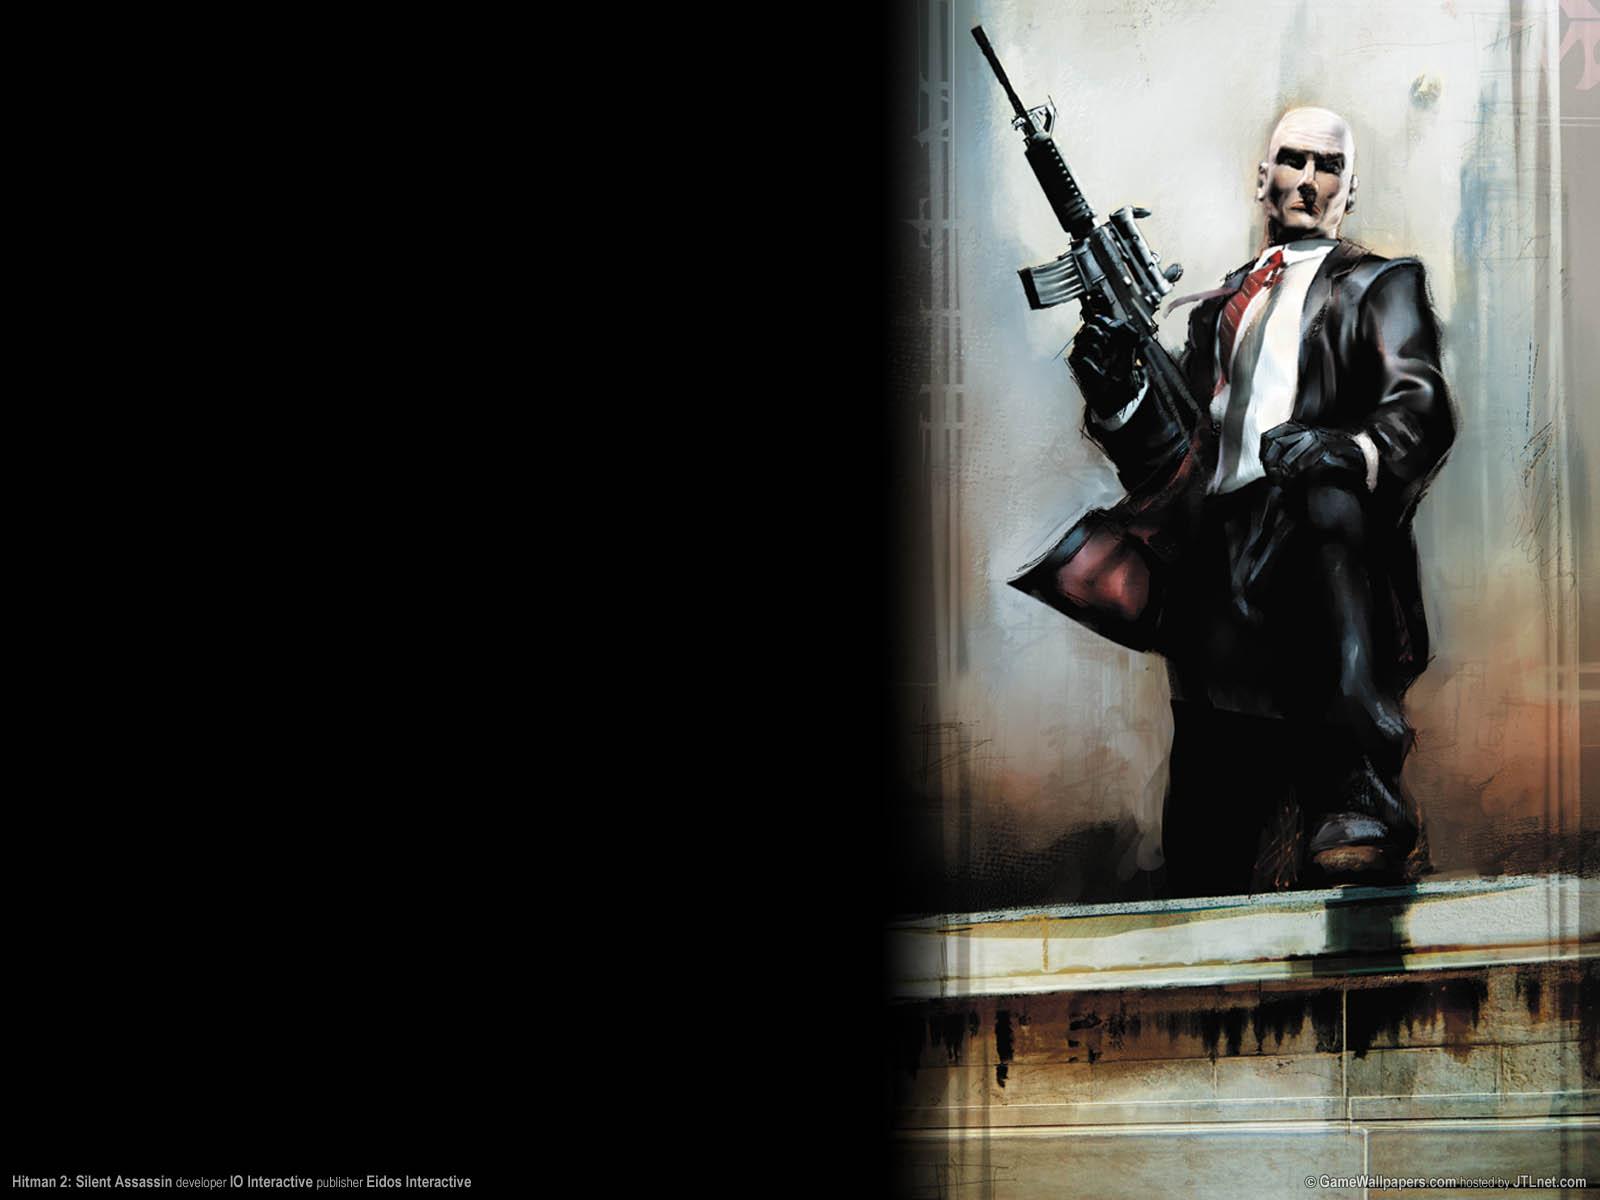 Hitman 2: Silent Assassin wallpaper 01 1600x1200